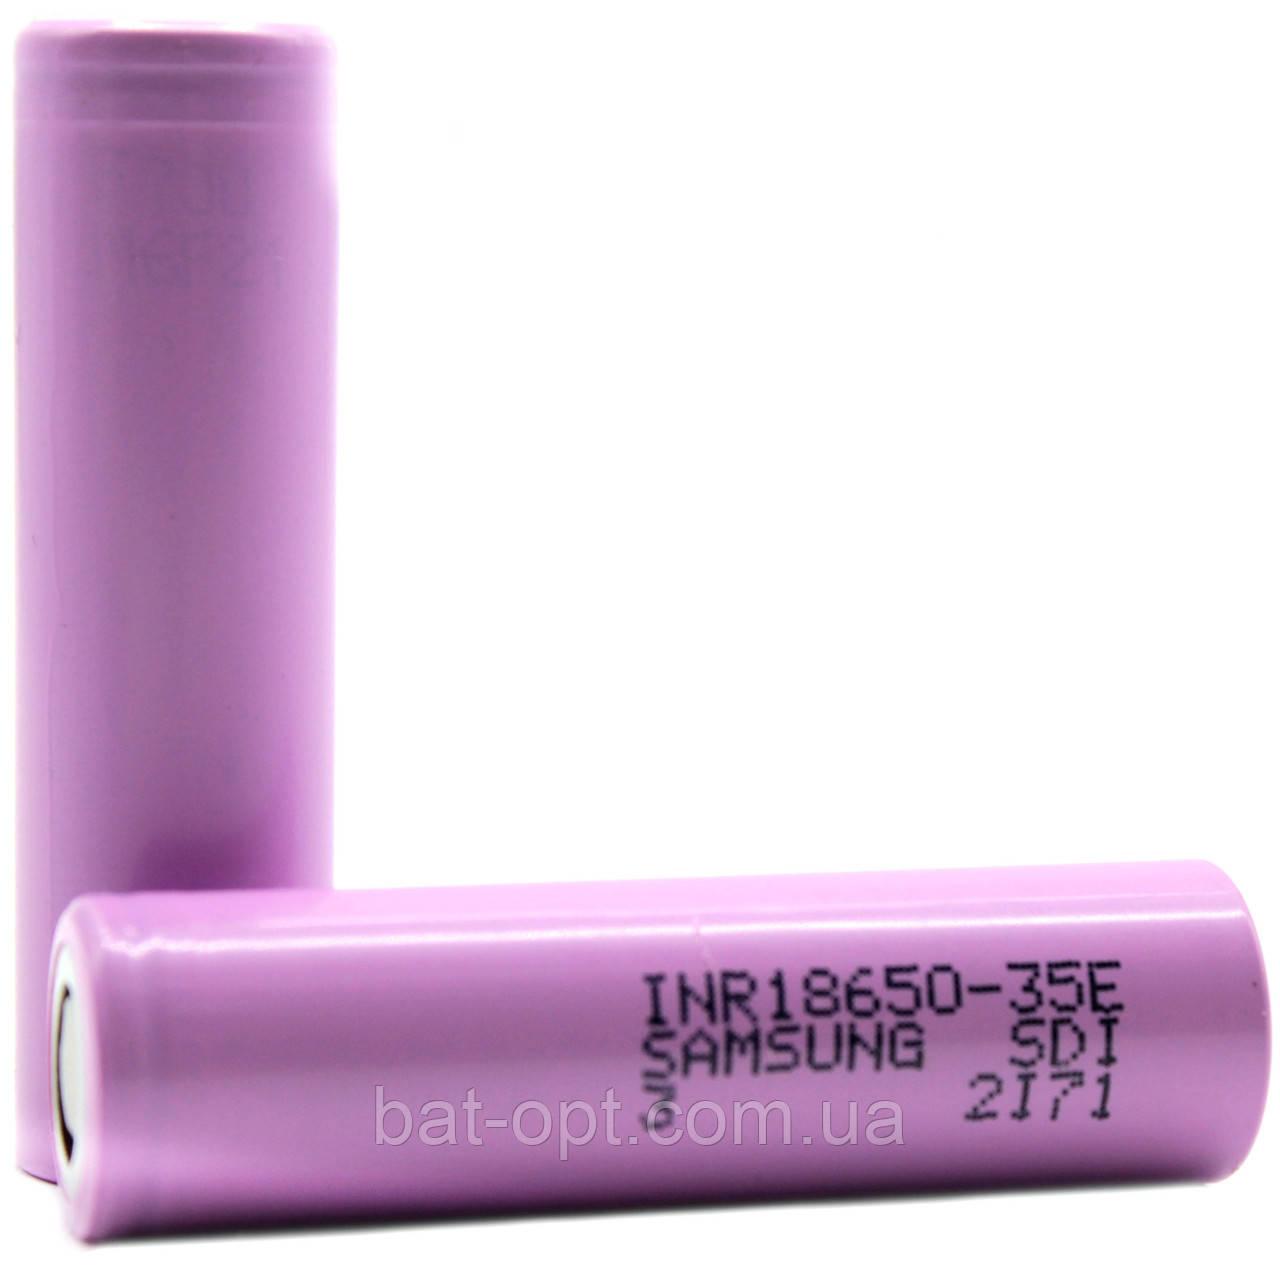 Аккумулятор Samsung Li-Ion 18650 3500mAh 35E (без защиты)